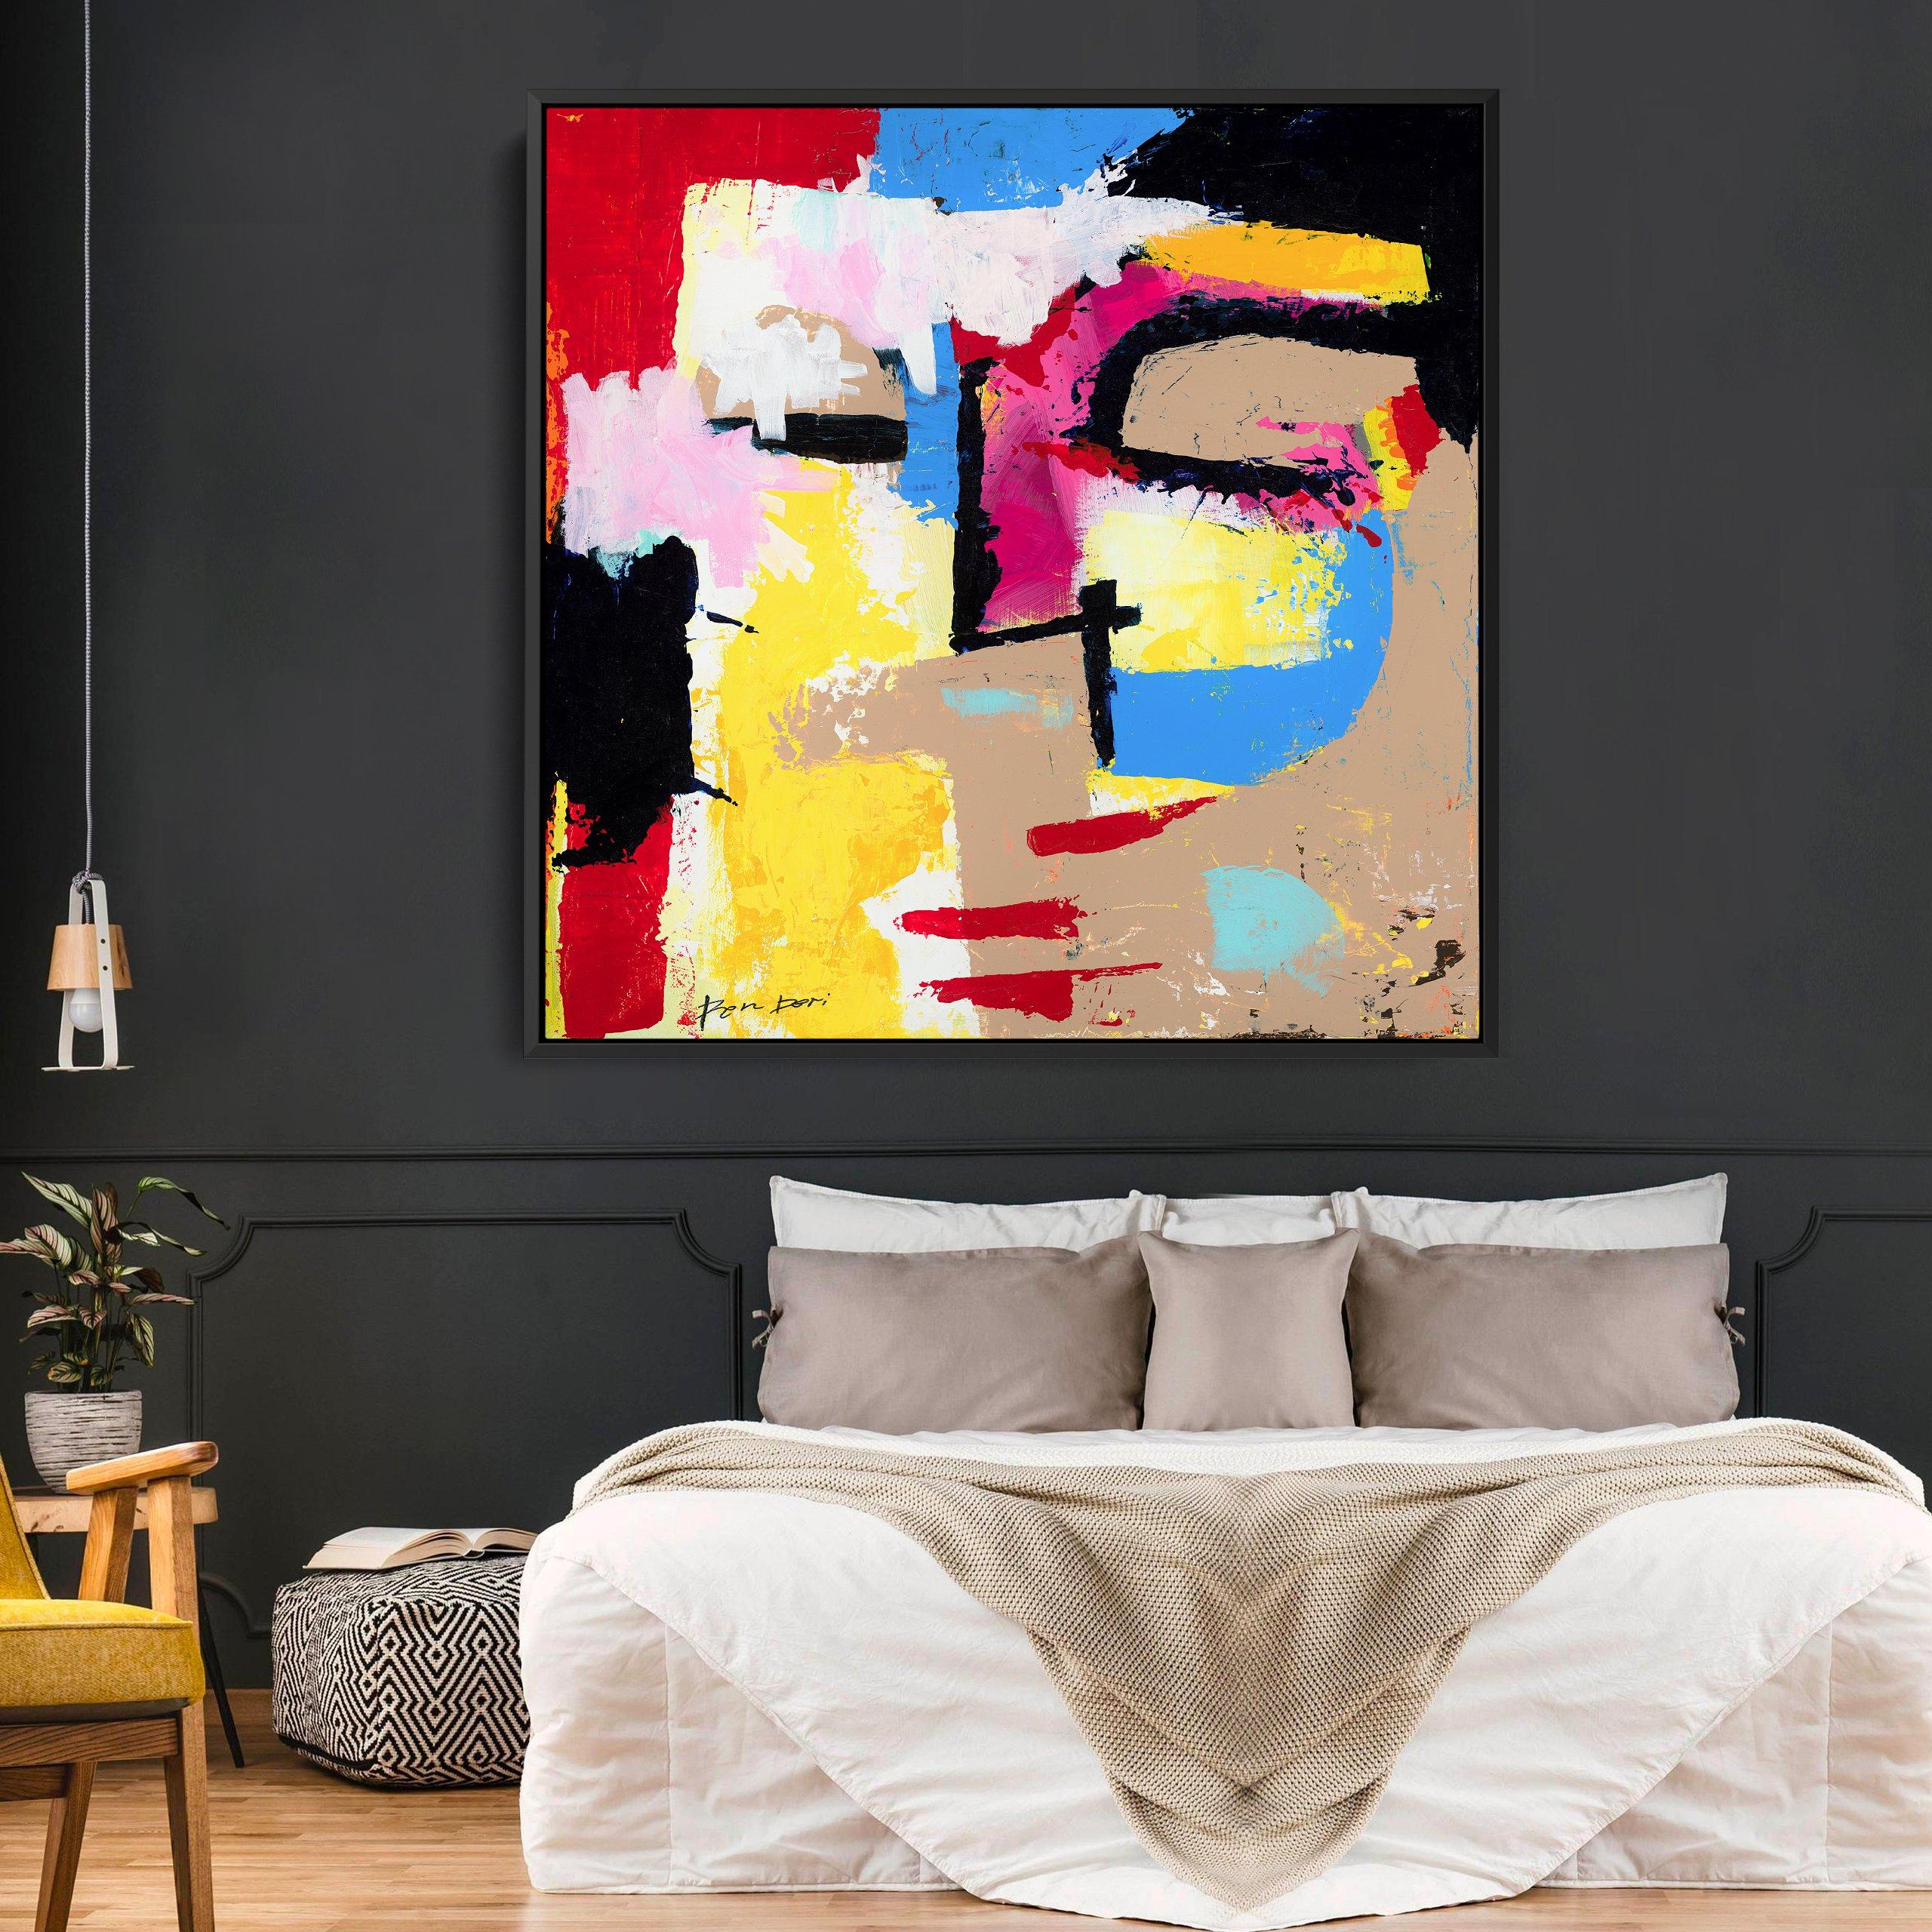 buy-art-online-disturbia-ron-deri-5